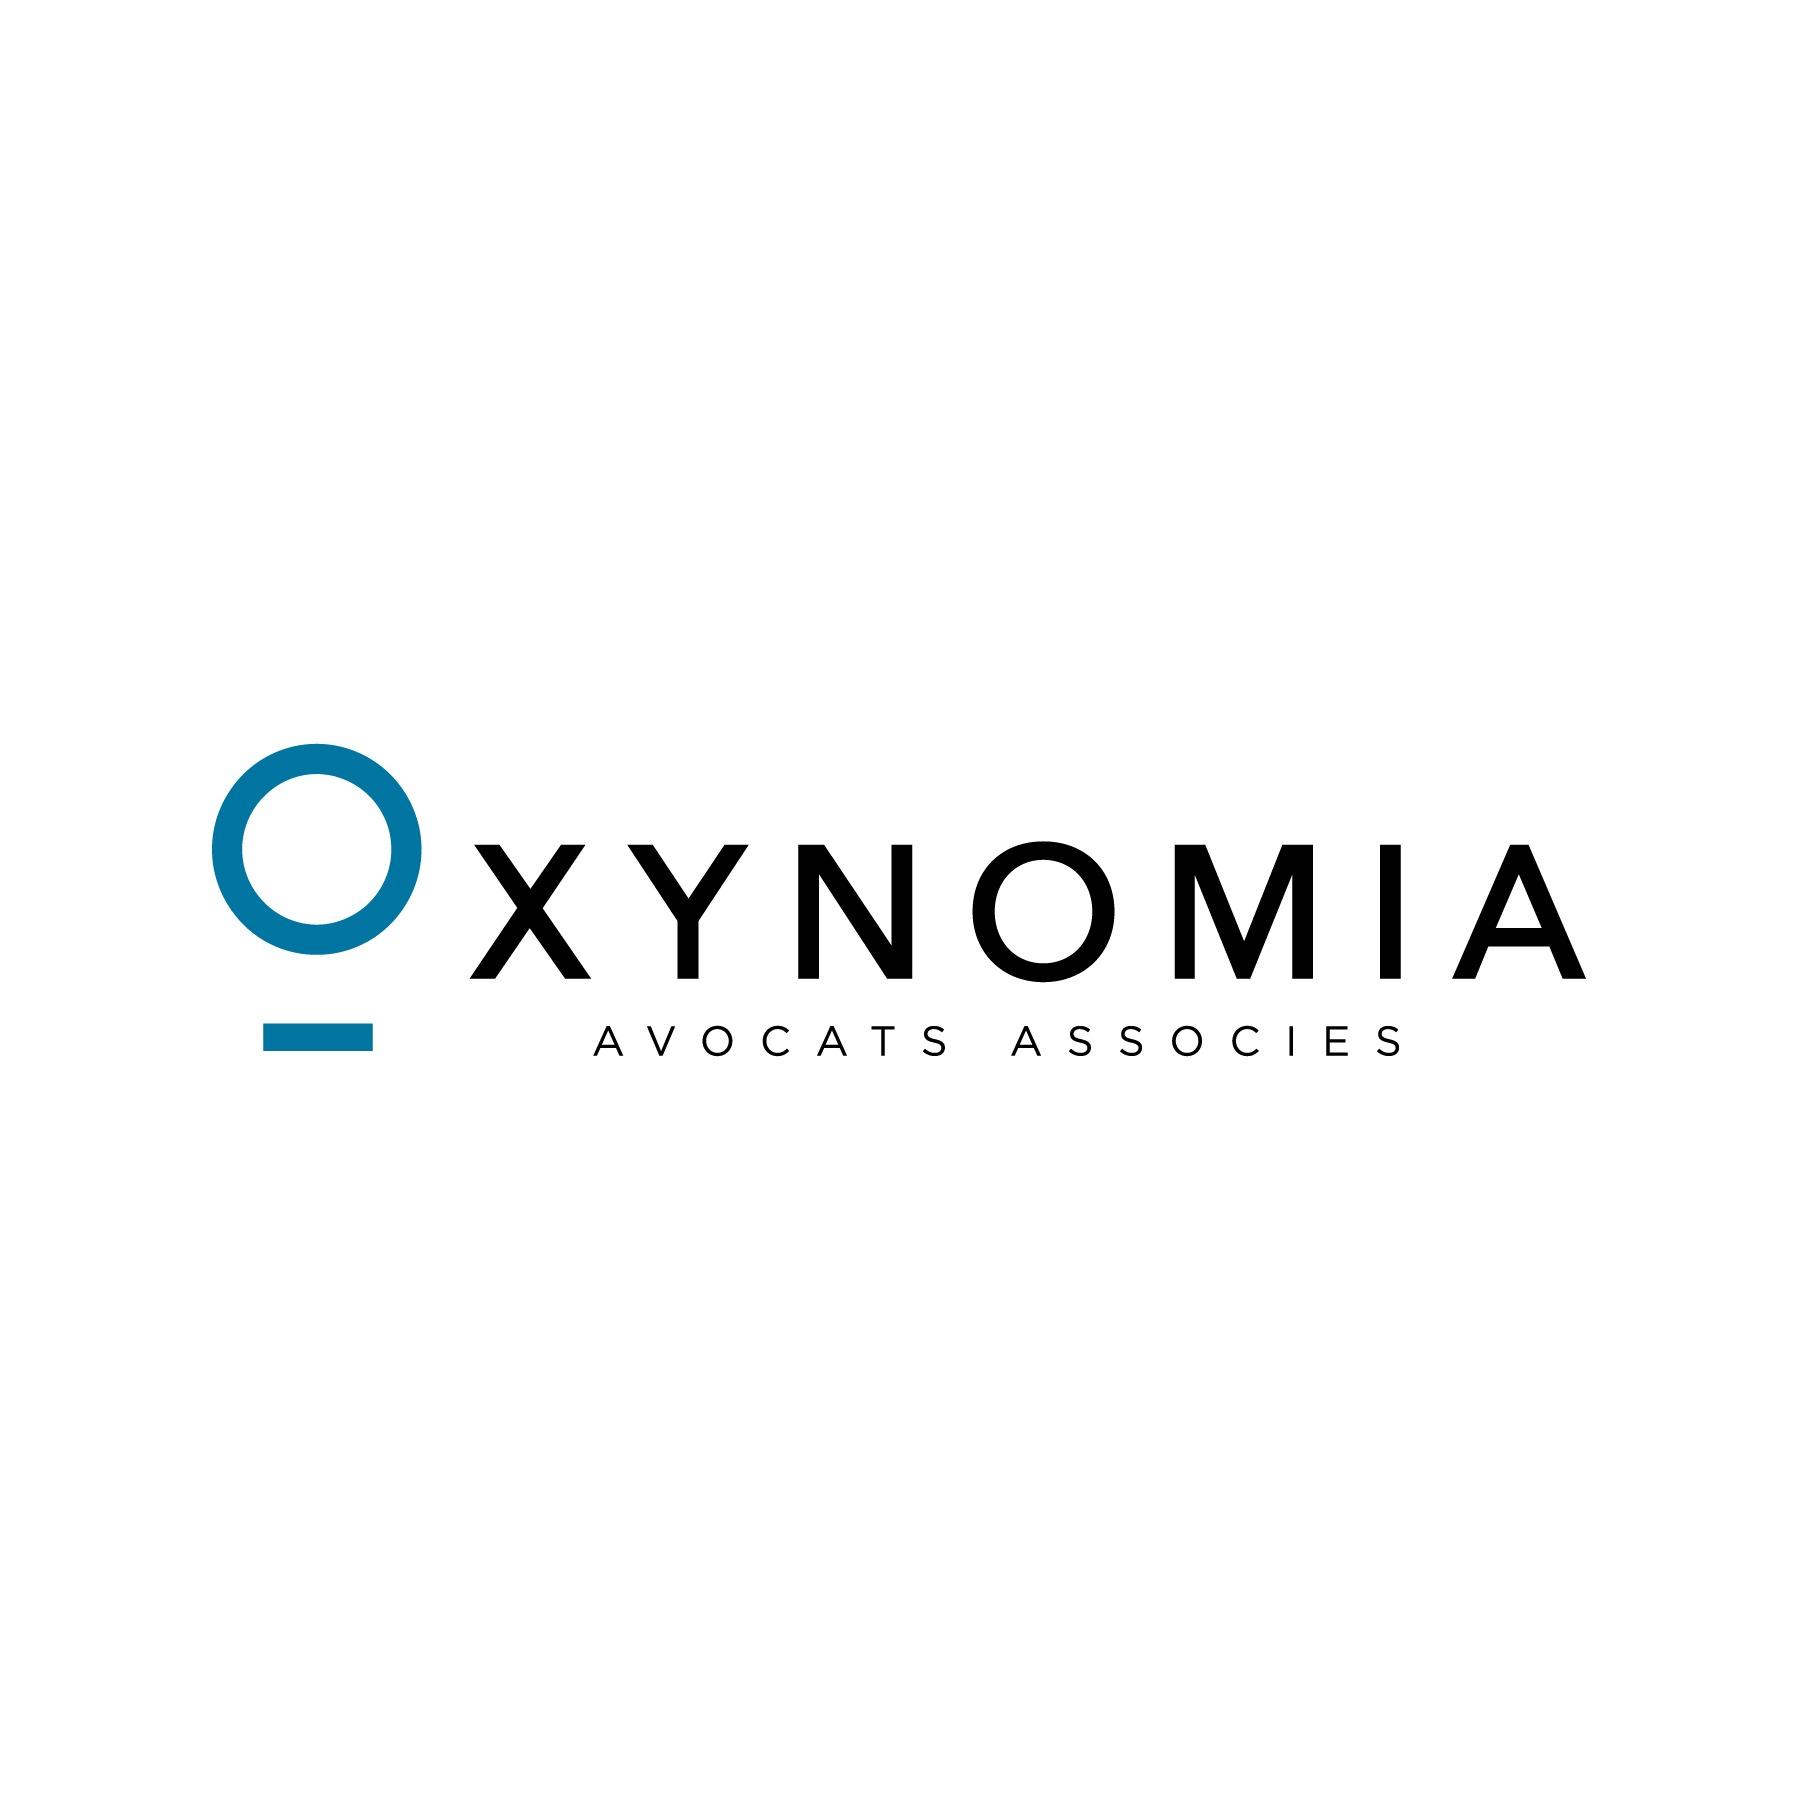 the Oxynomia Avocats Associés logo.